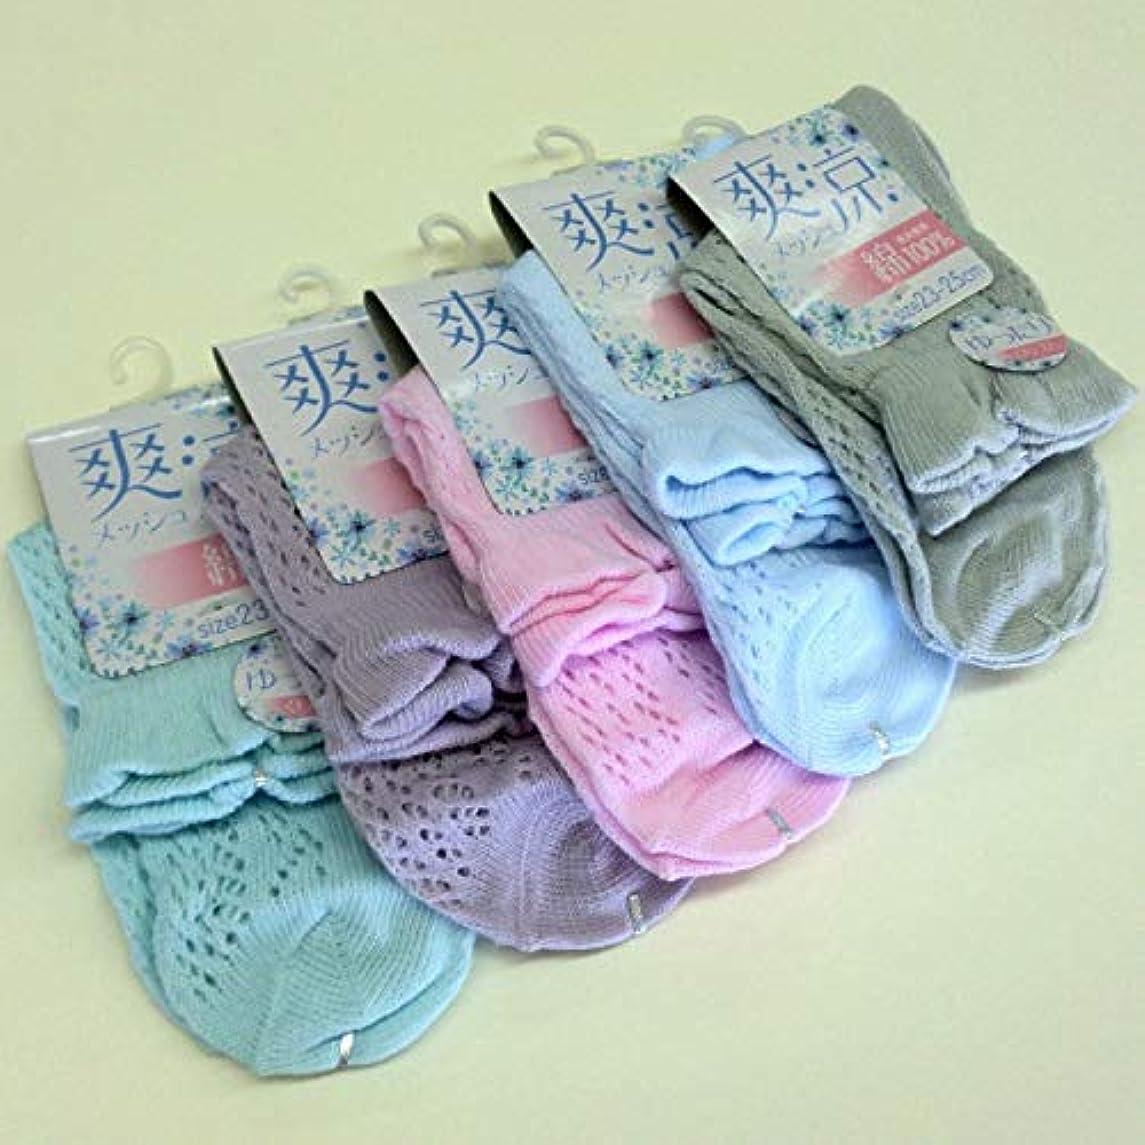 詐欺簡潔なチャンバー靴下 レディース 夏 表糸綿100% 涼しいルミーソックス セット 5色5足組